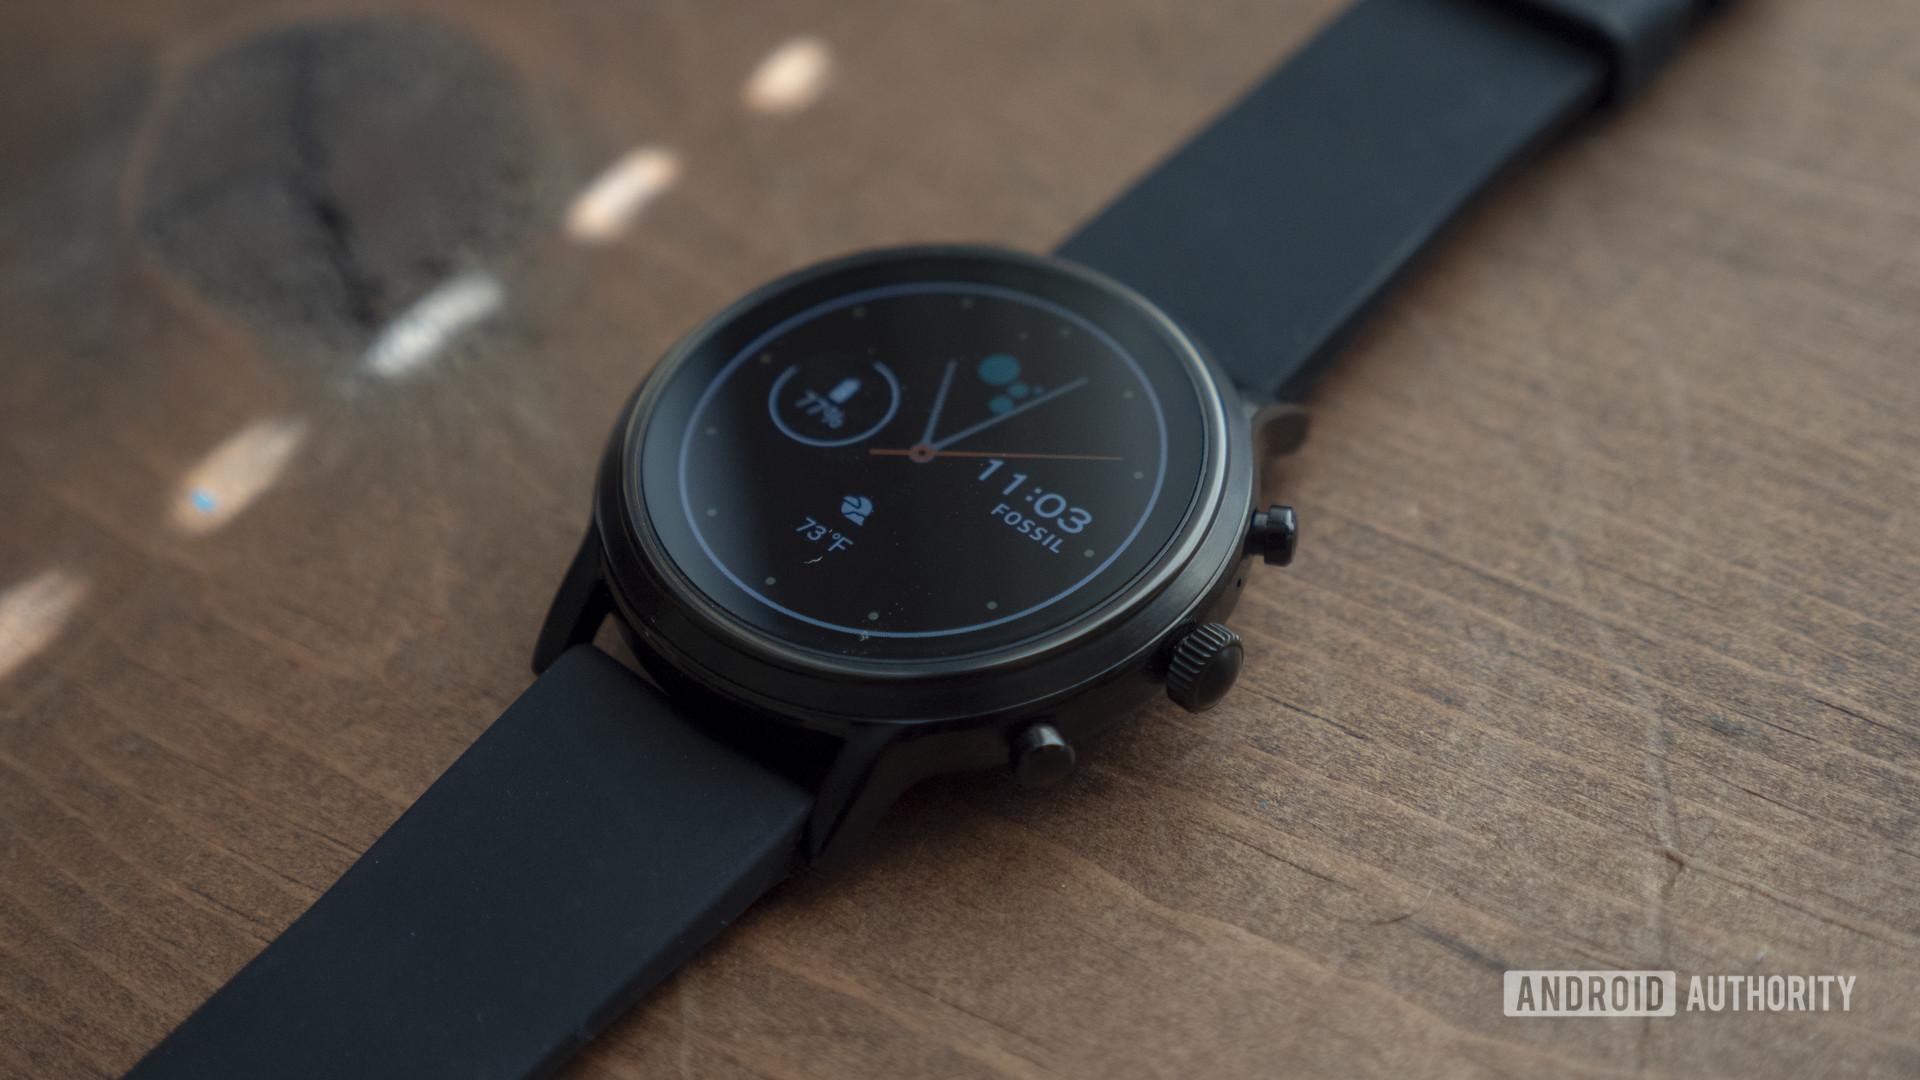 Đánh giá đồng hồ thông minh Fossil gen 5 mặt đồng hồ 8